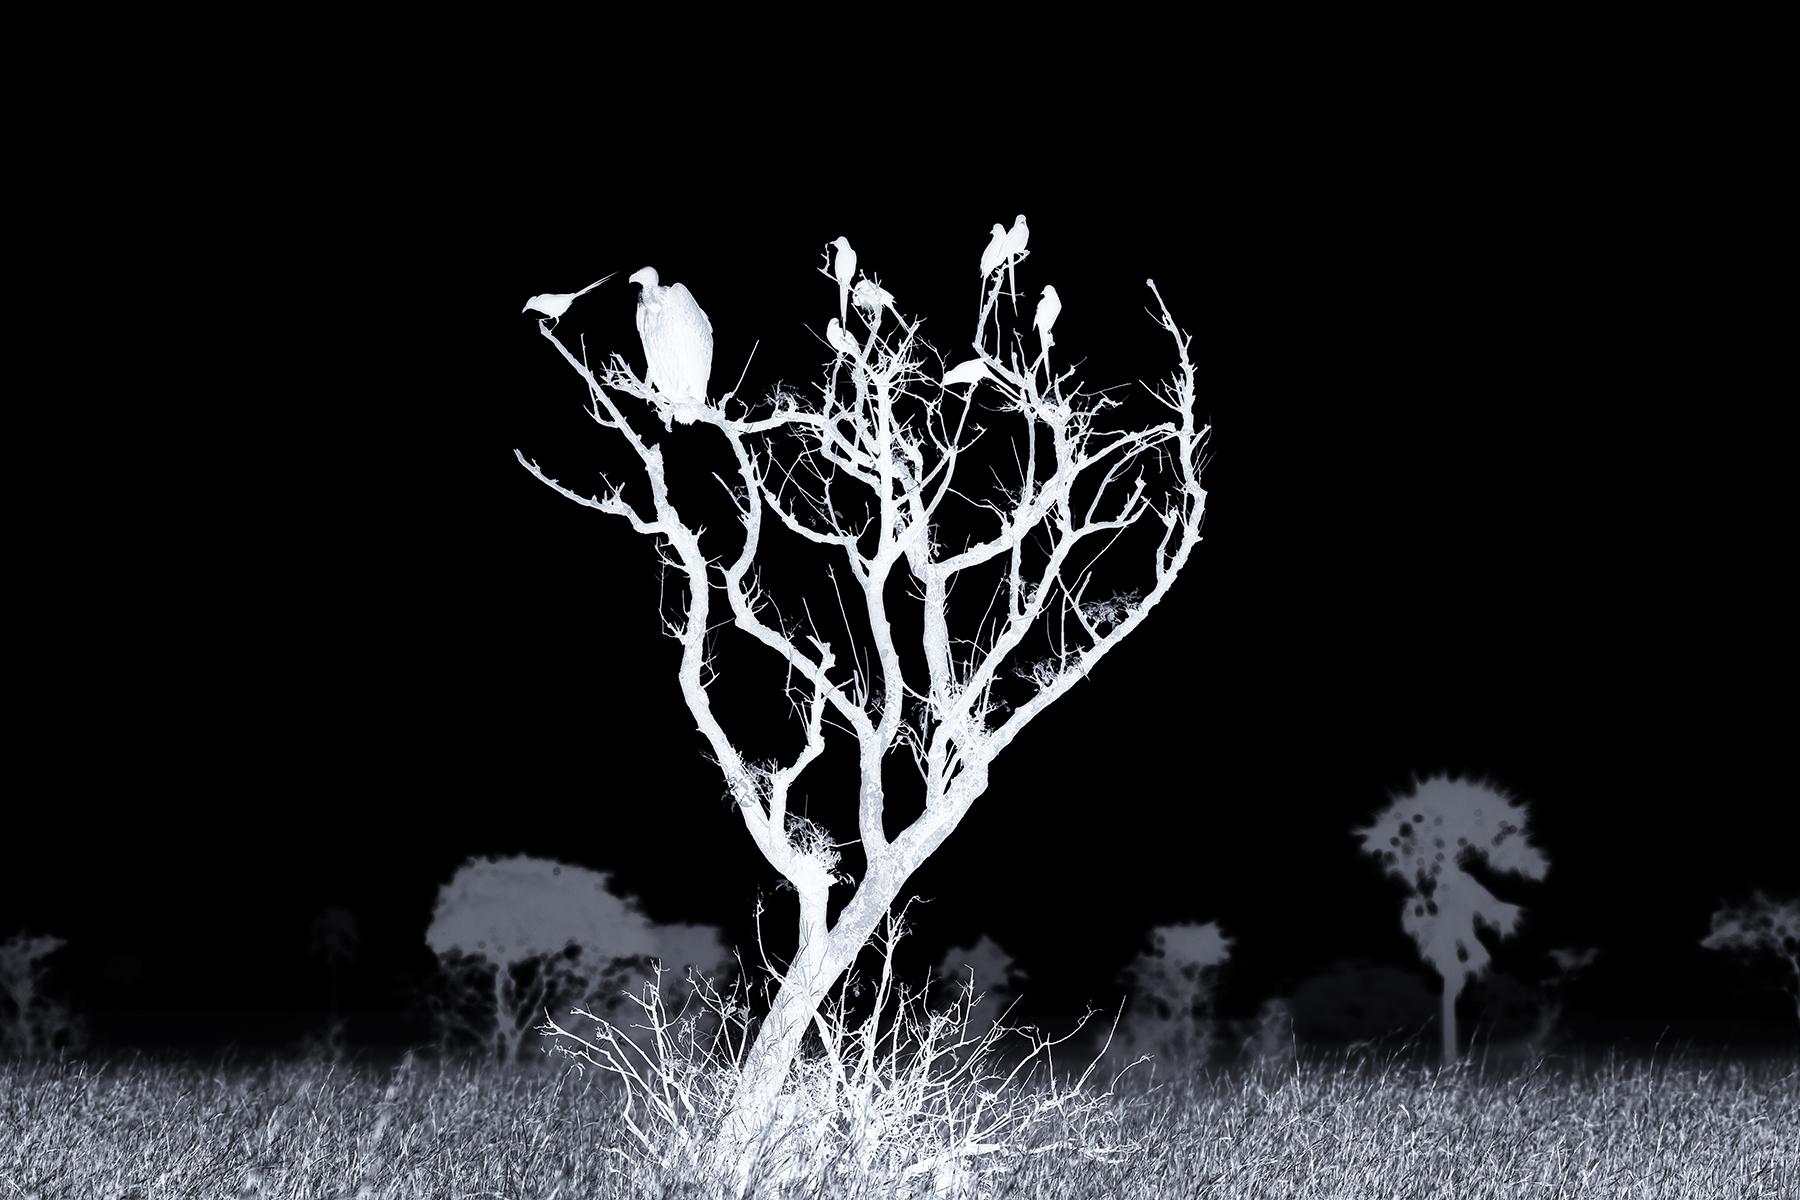 Lennette_Newell vulture bird skelton tree.jpg